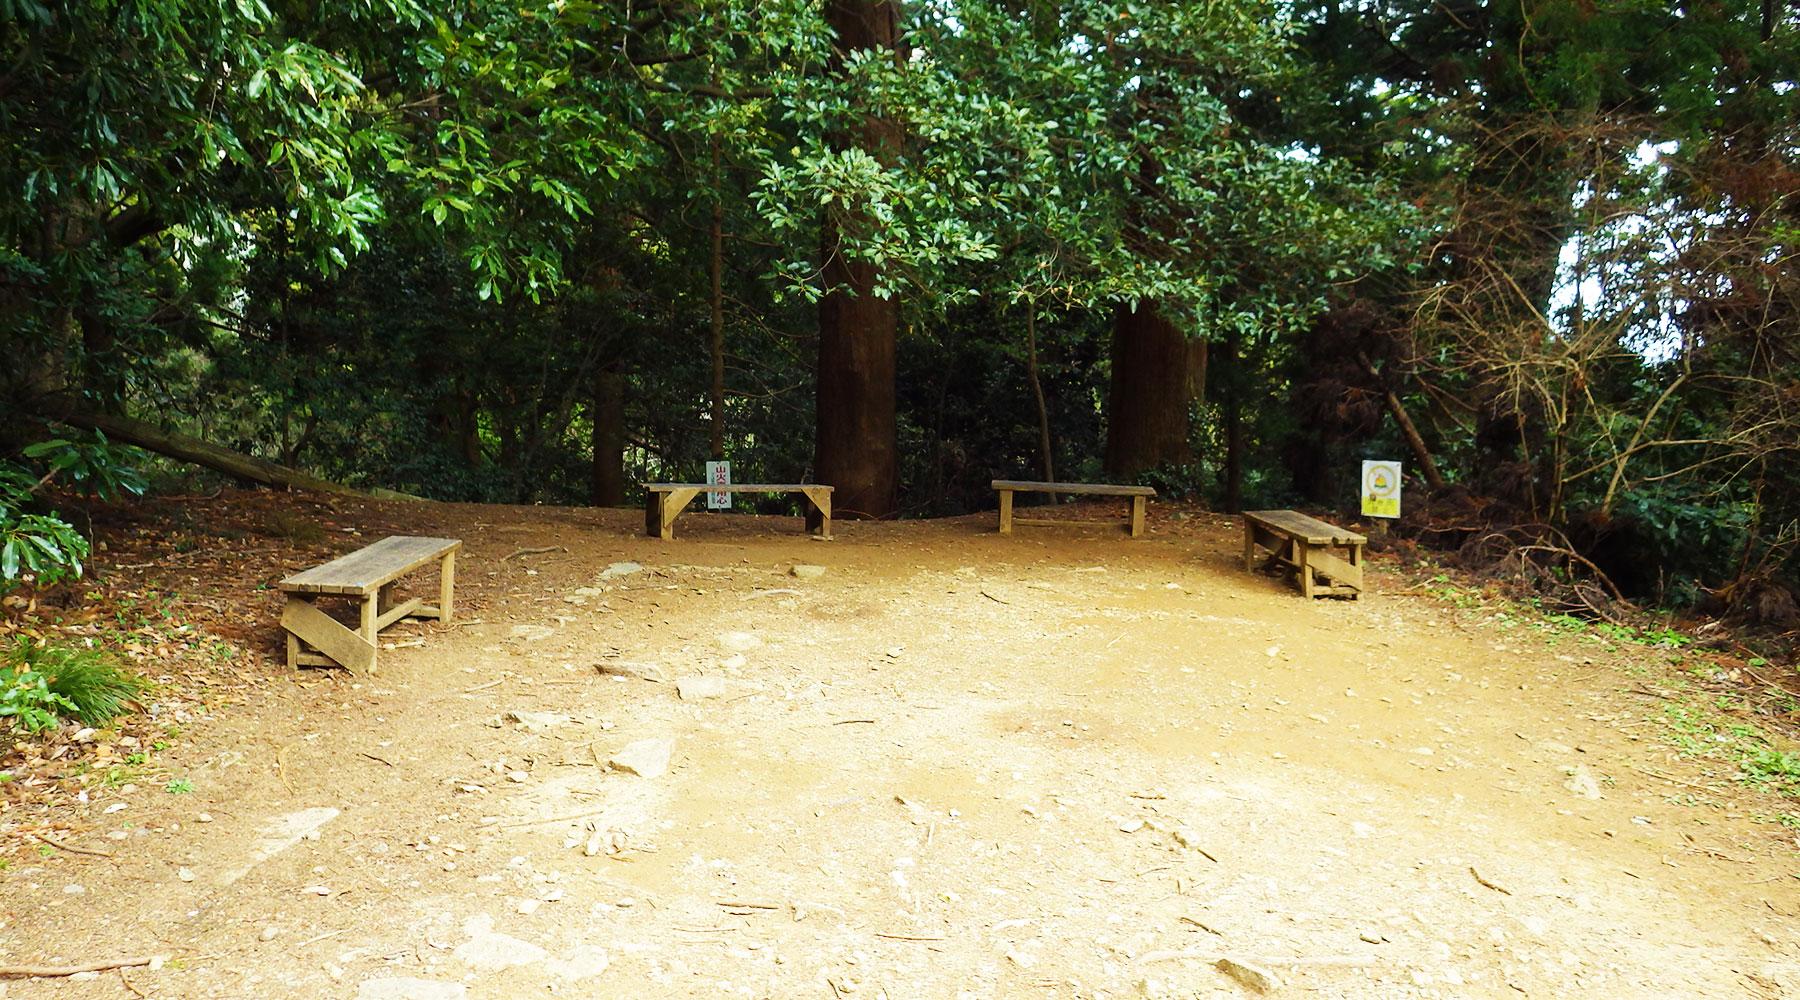 筑波山・ケーブルカー軌道中間地点の横にある休憩場所